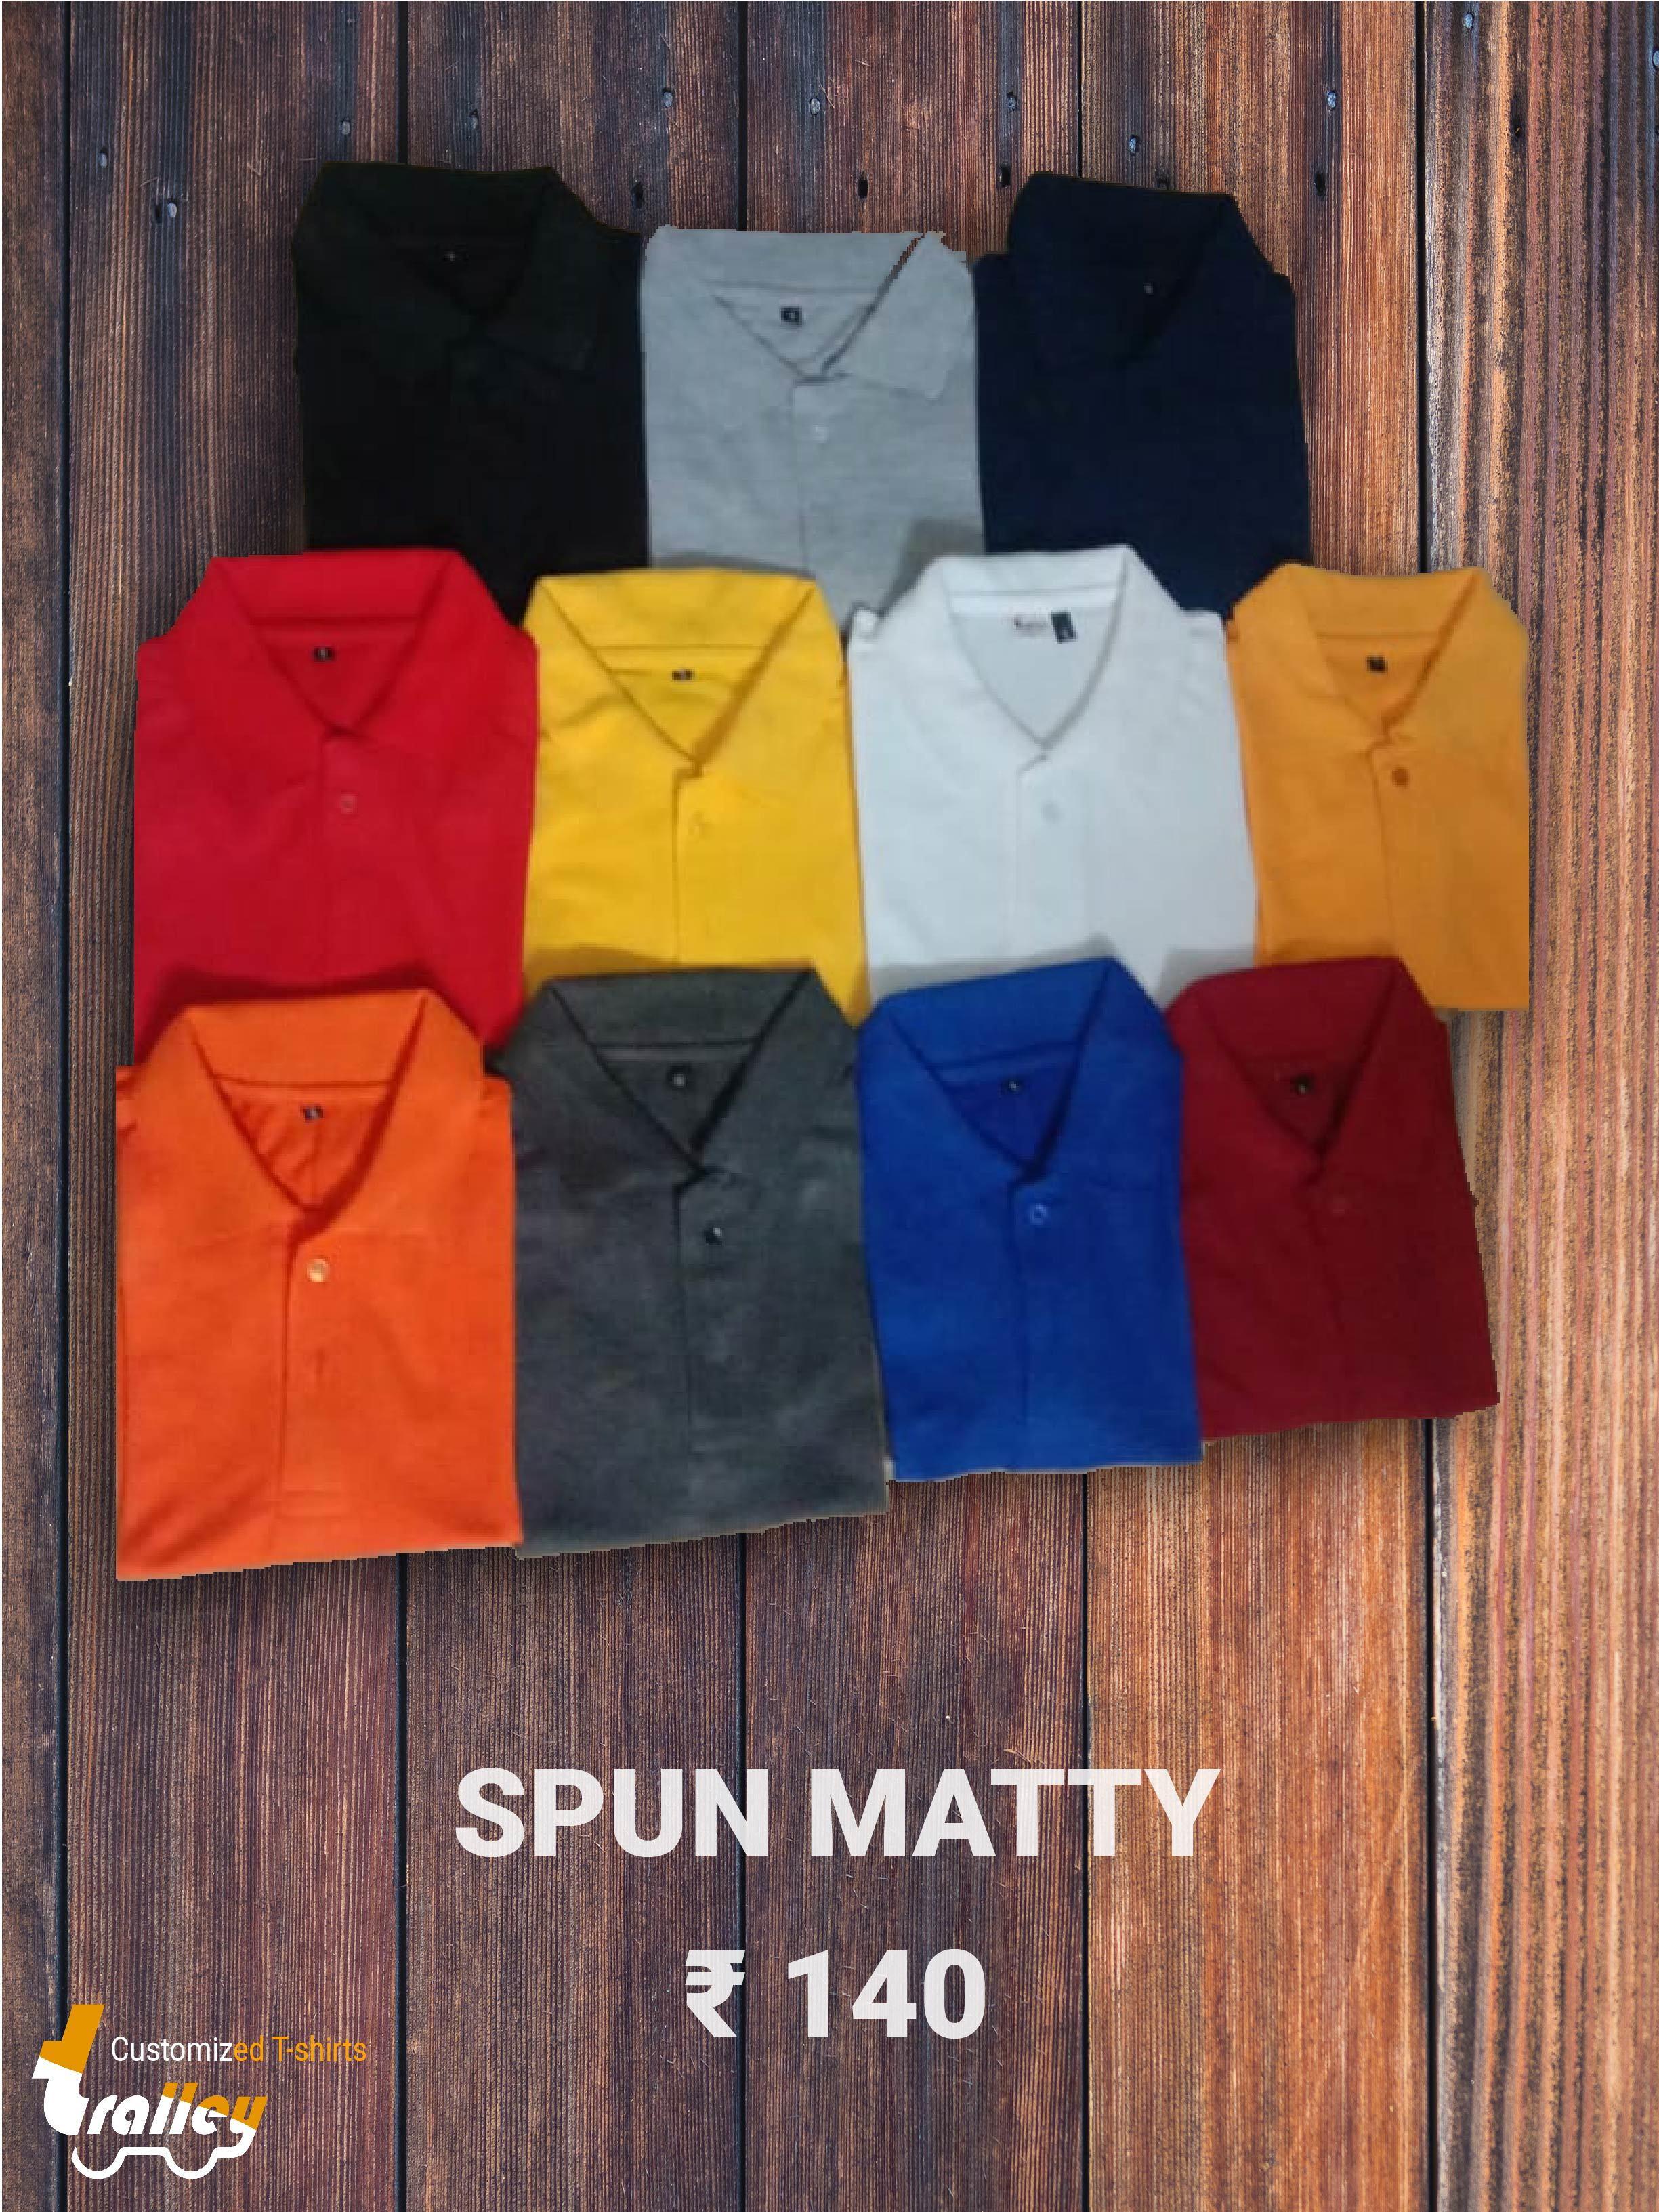 Spun Matty Polo Neck T Shirt